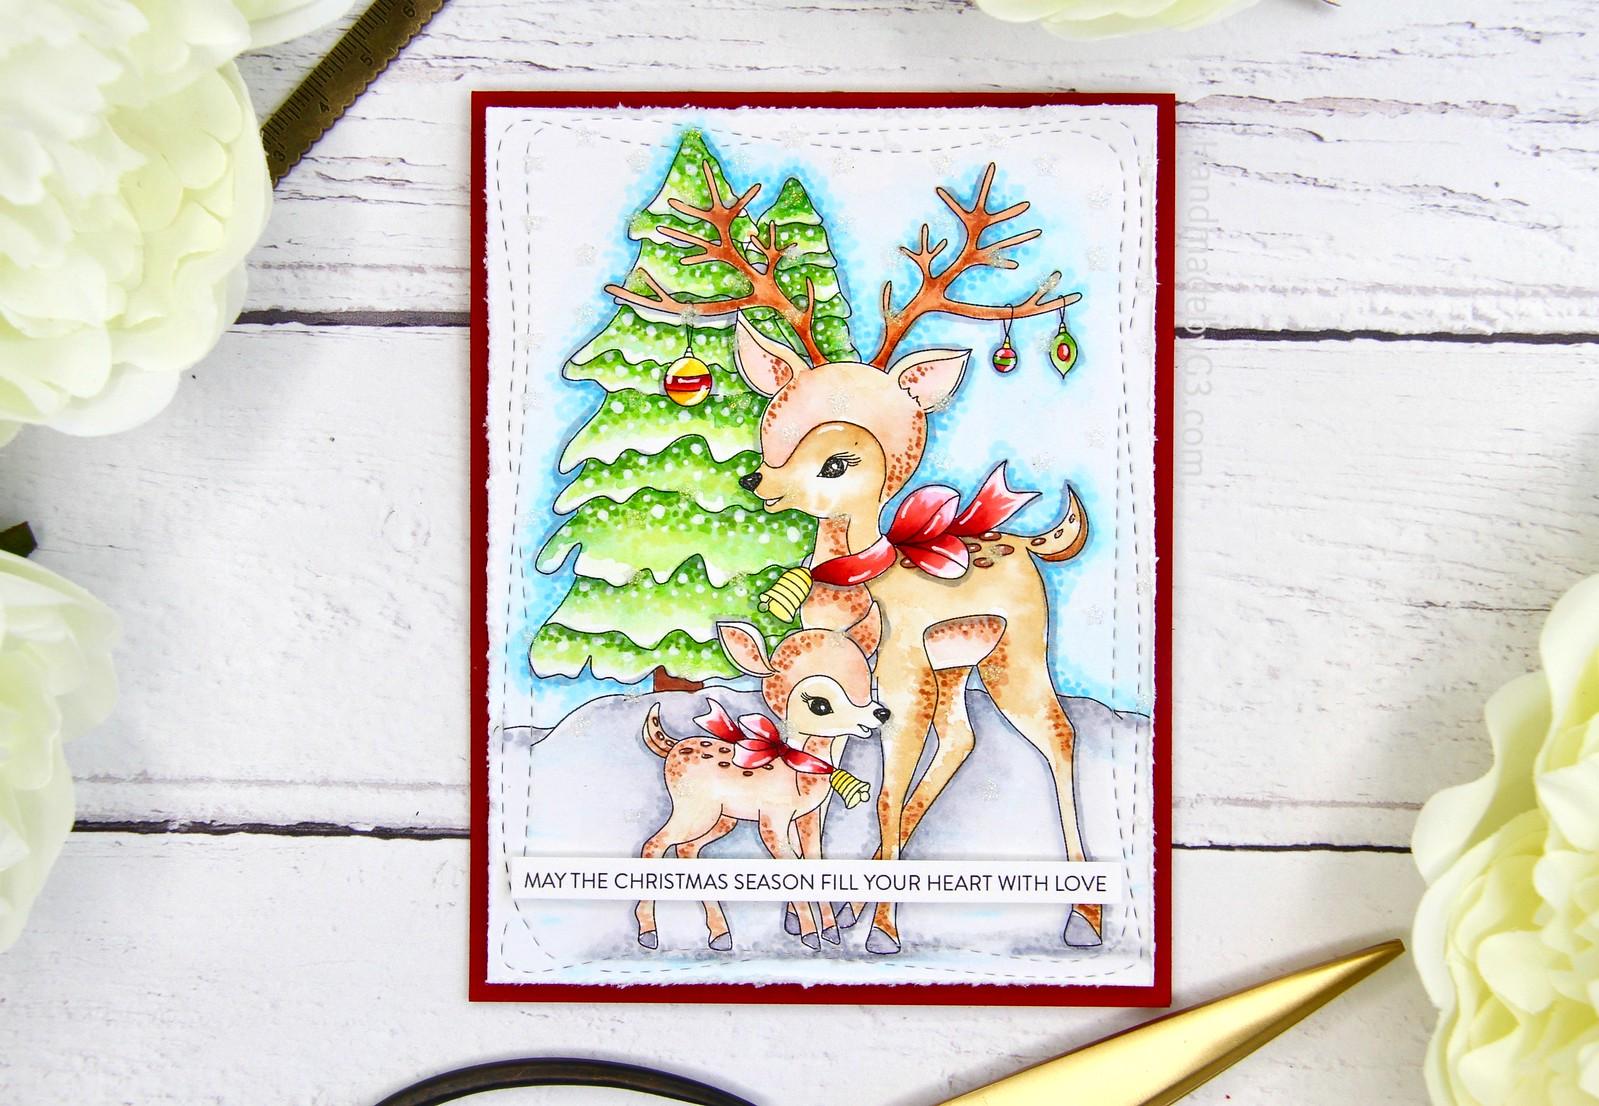 SSS Christmas card #2